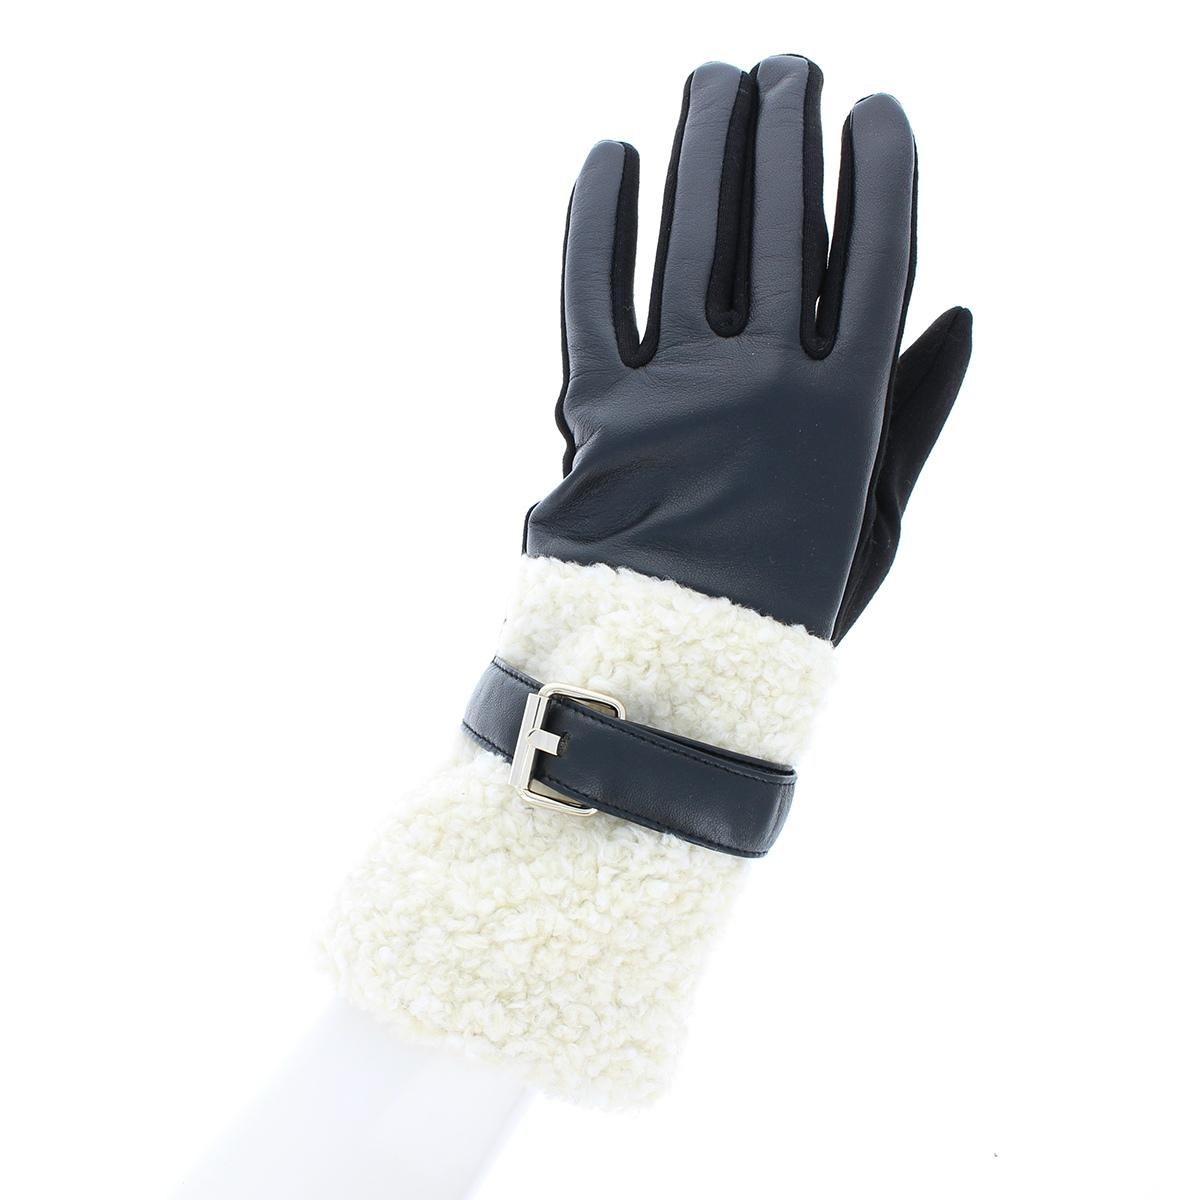 手袋 ボアとジャージ 切替デザイン ベルト付 少し長め丈 ストレッチ素材  BIYUTE